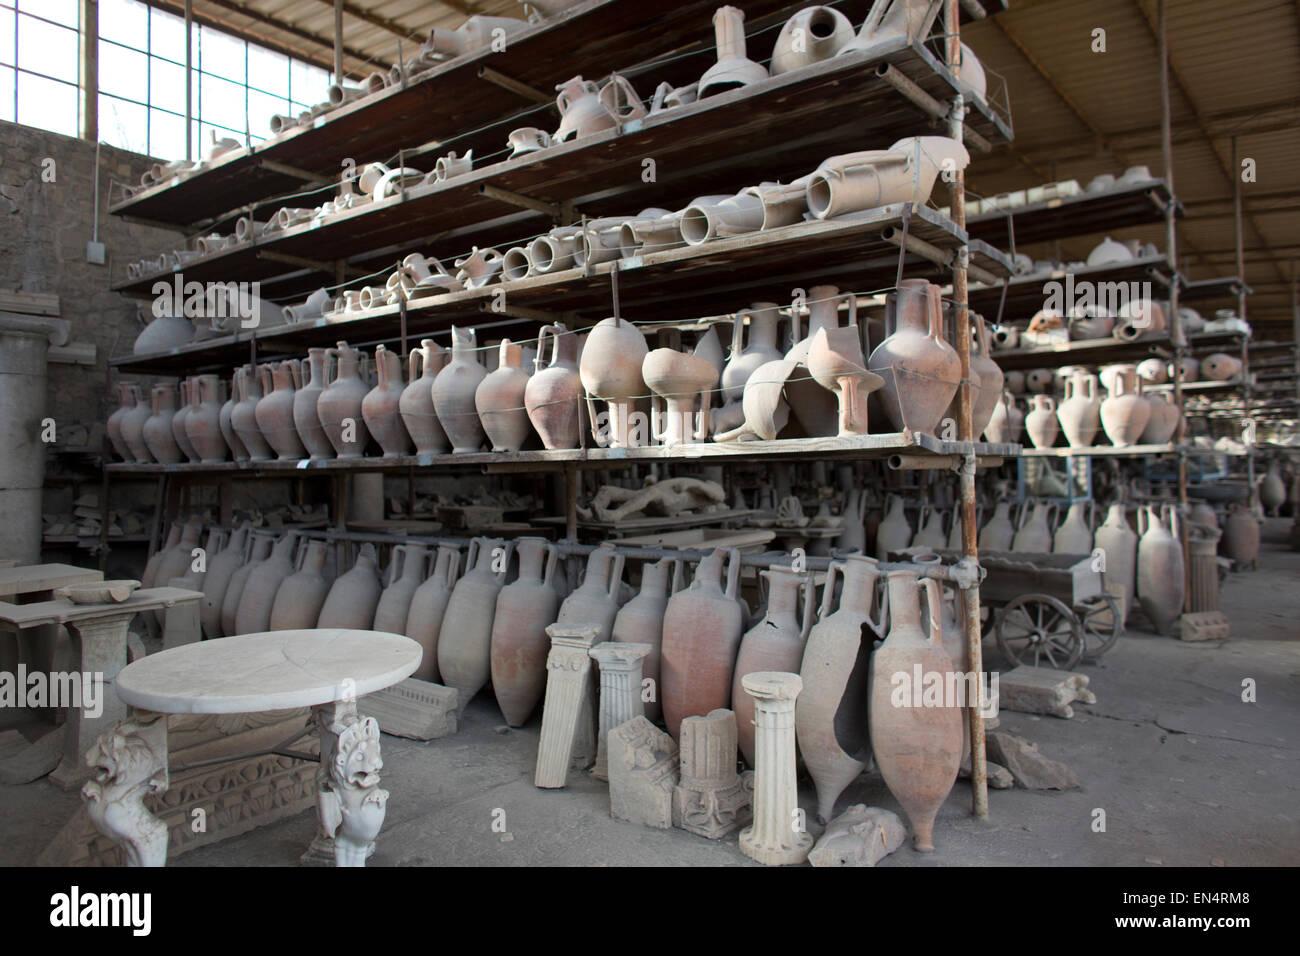 Quasi duemila anni fa la città di Pompei fu distrutta da una eruzione del Vesuvio. 20.000 residenti di Pompei e Foto Stock